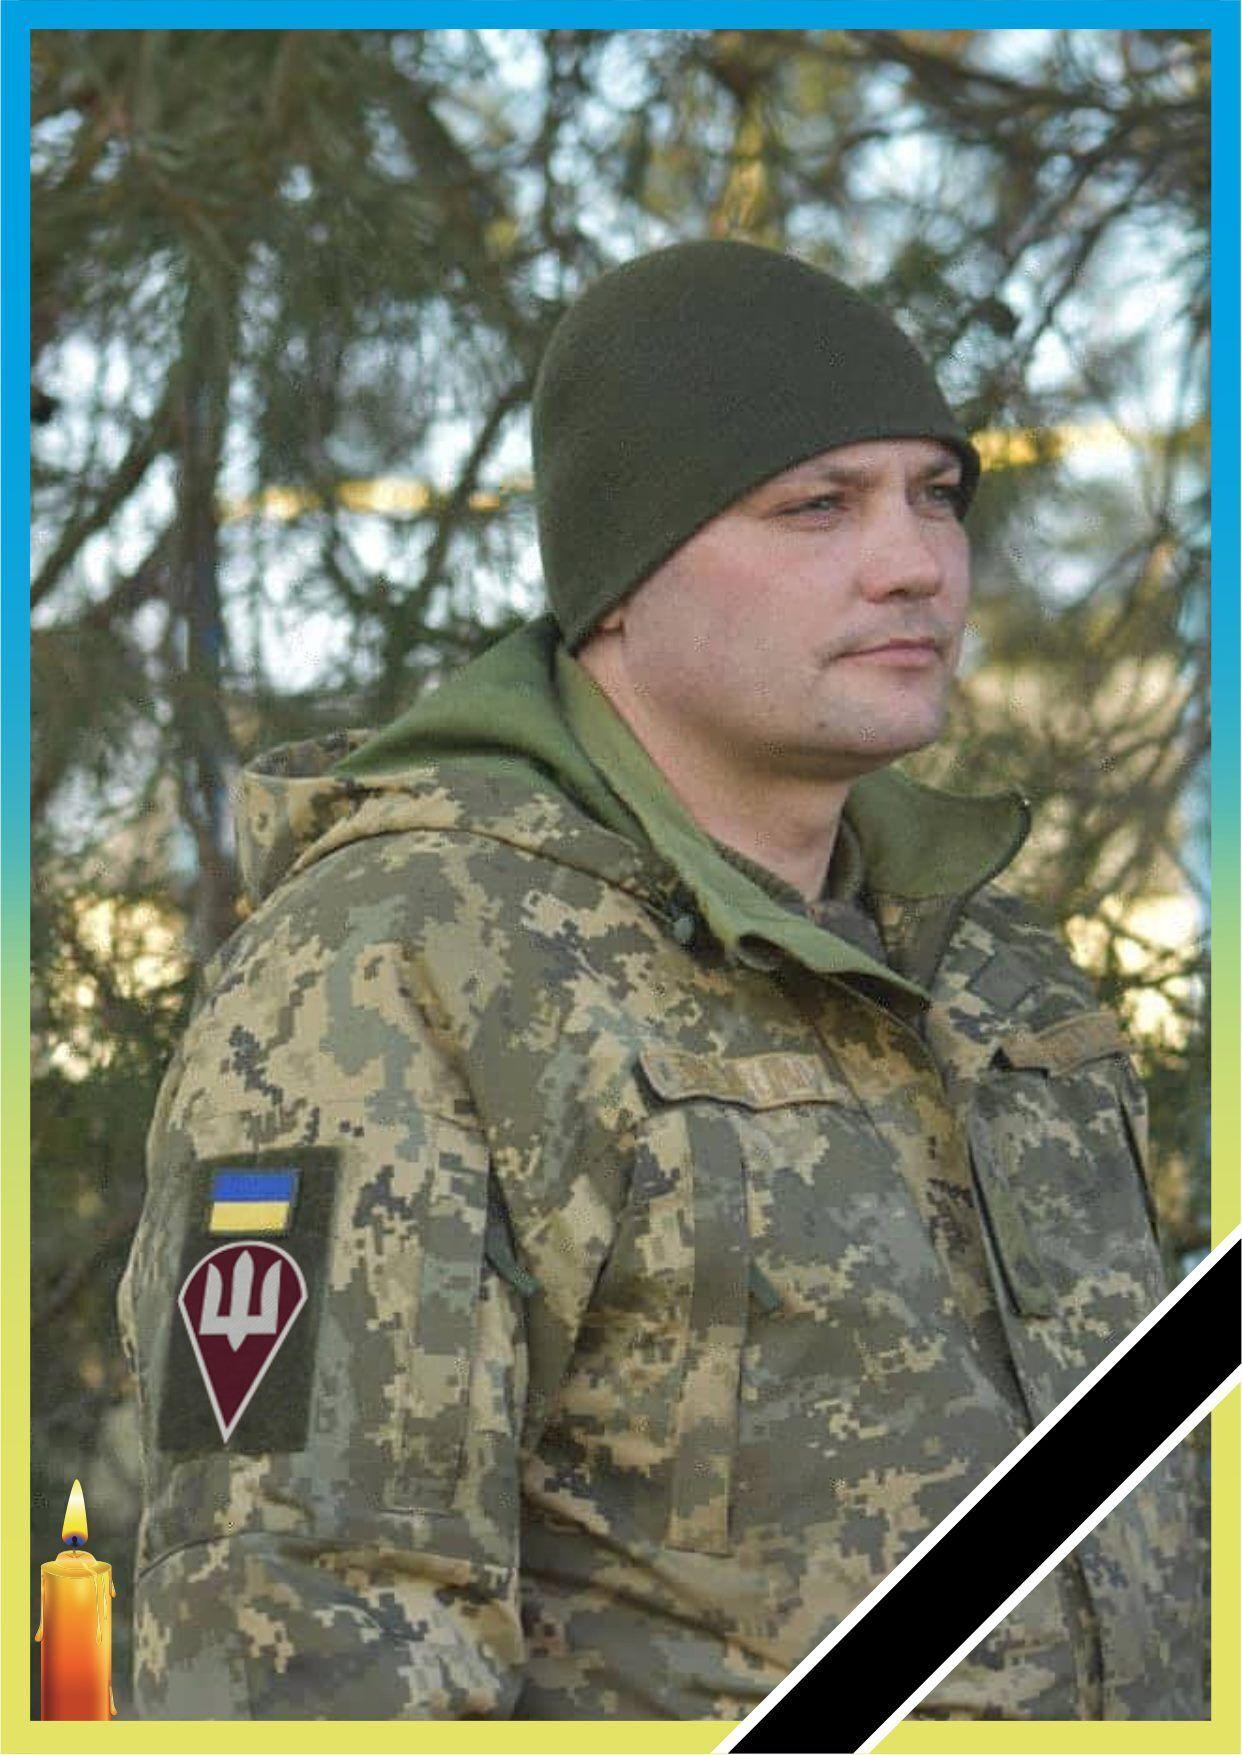 Артем Бондаренко, 25 ОПДБр